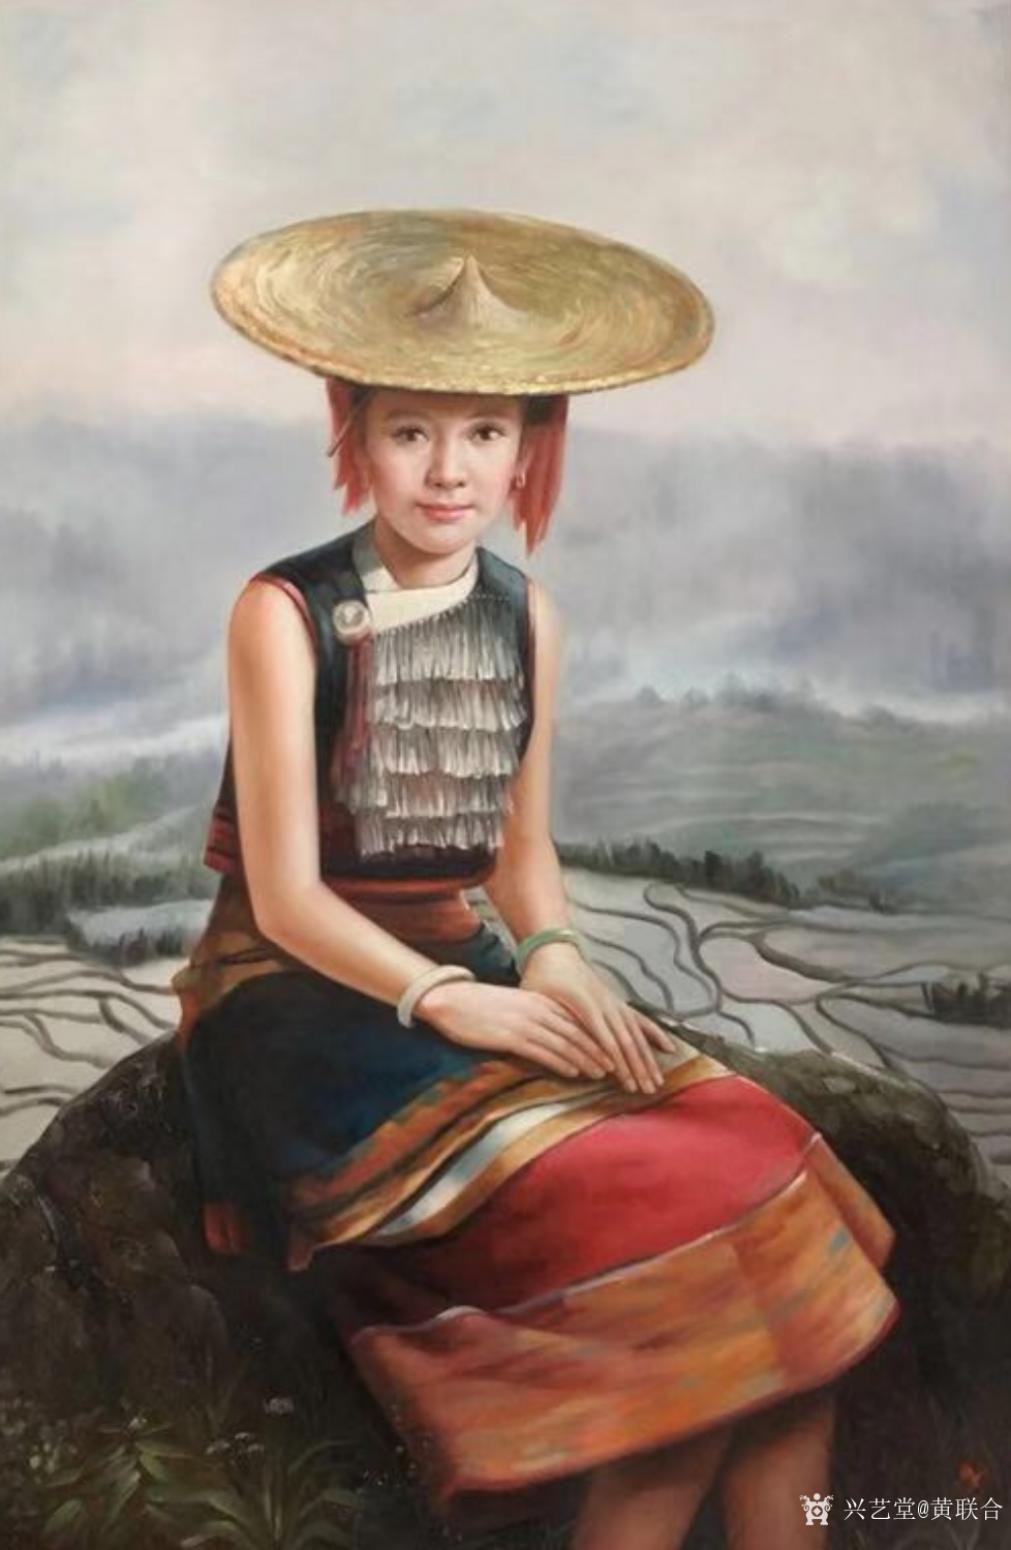 黄联合油画作品《少数民族人物油画》